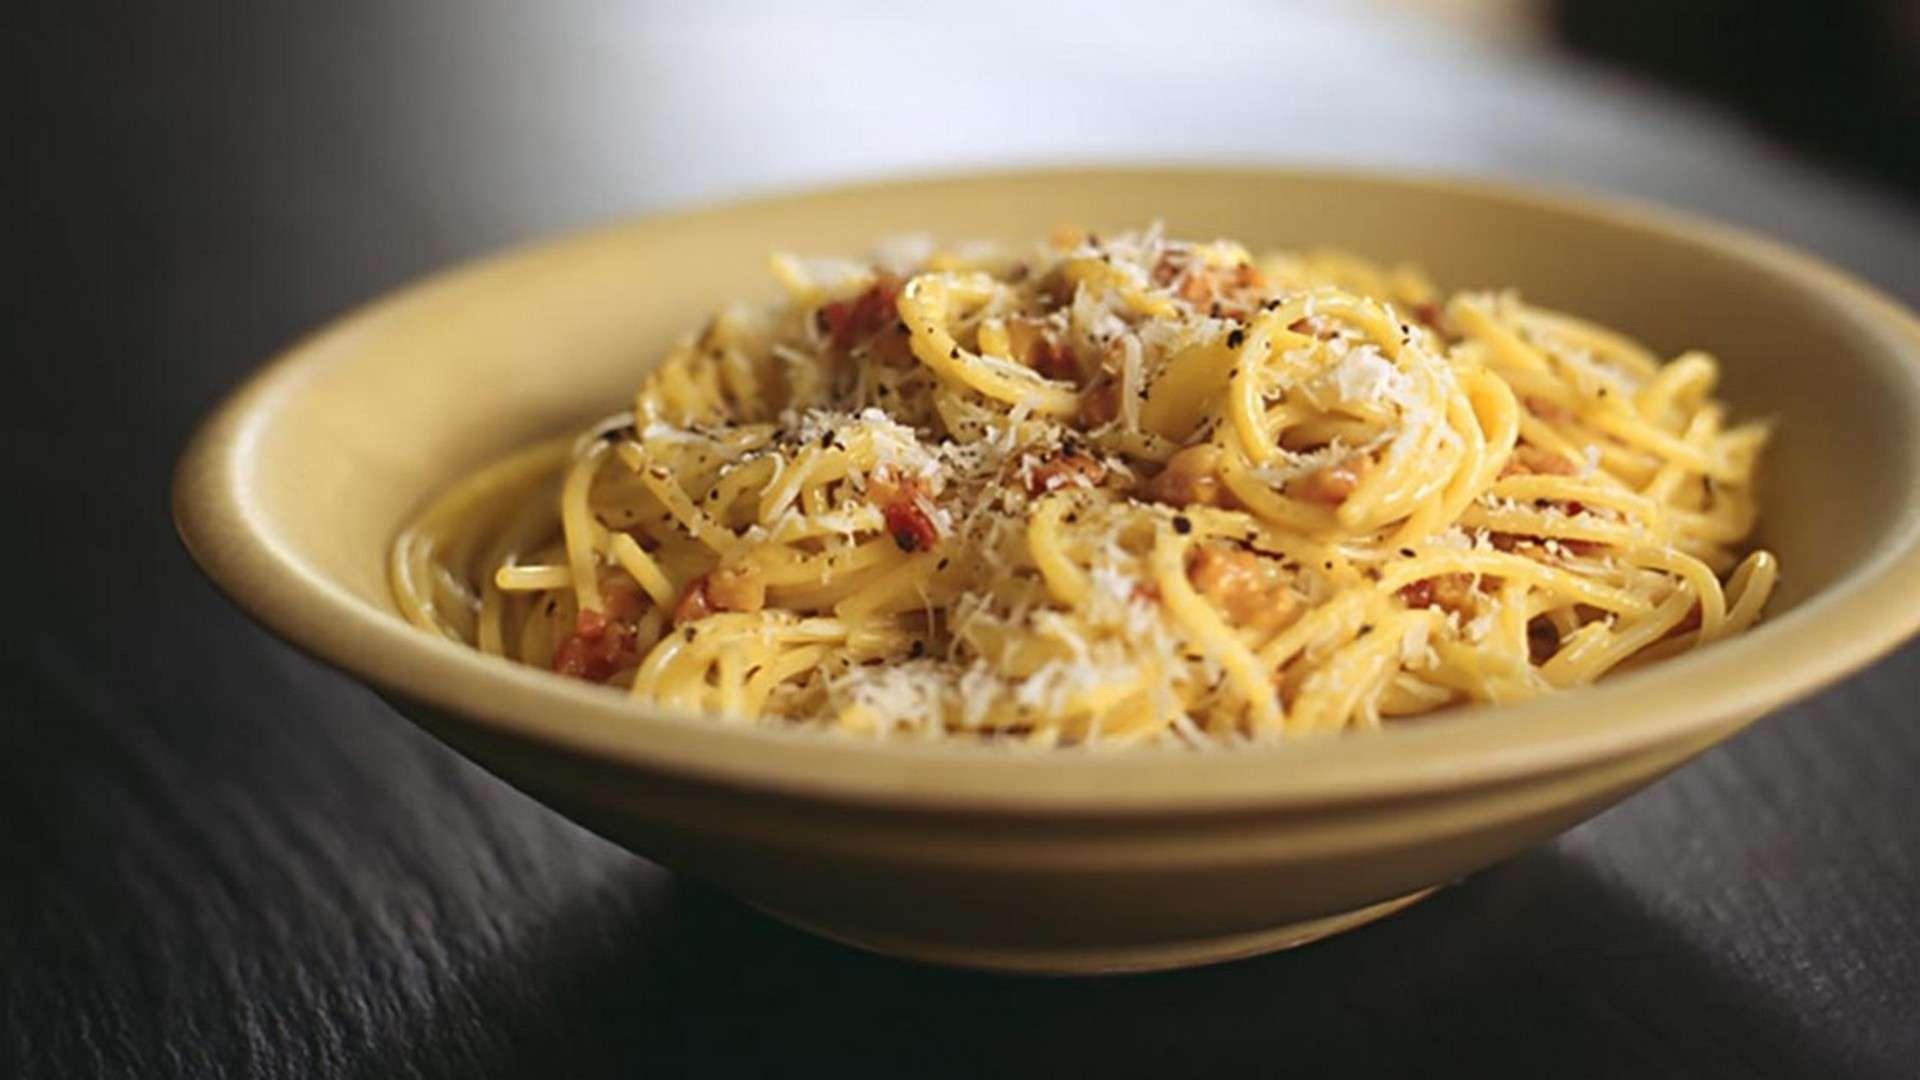 la auténtica salsa carbonara en su receta original son yema de huevo, pimienta, pecorino o parmesano y guanciale